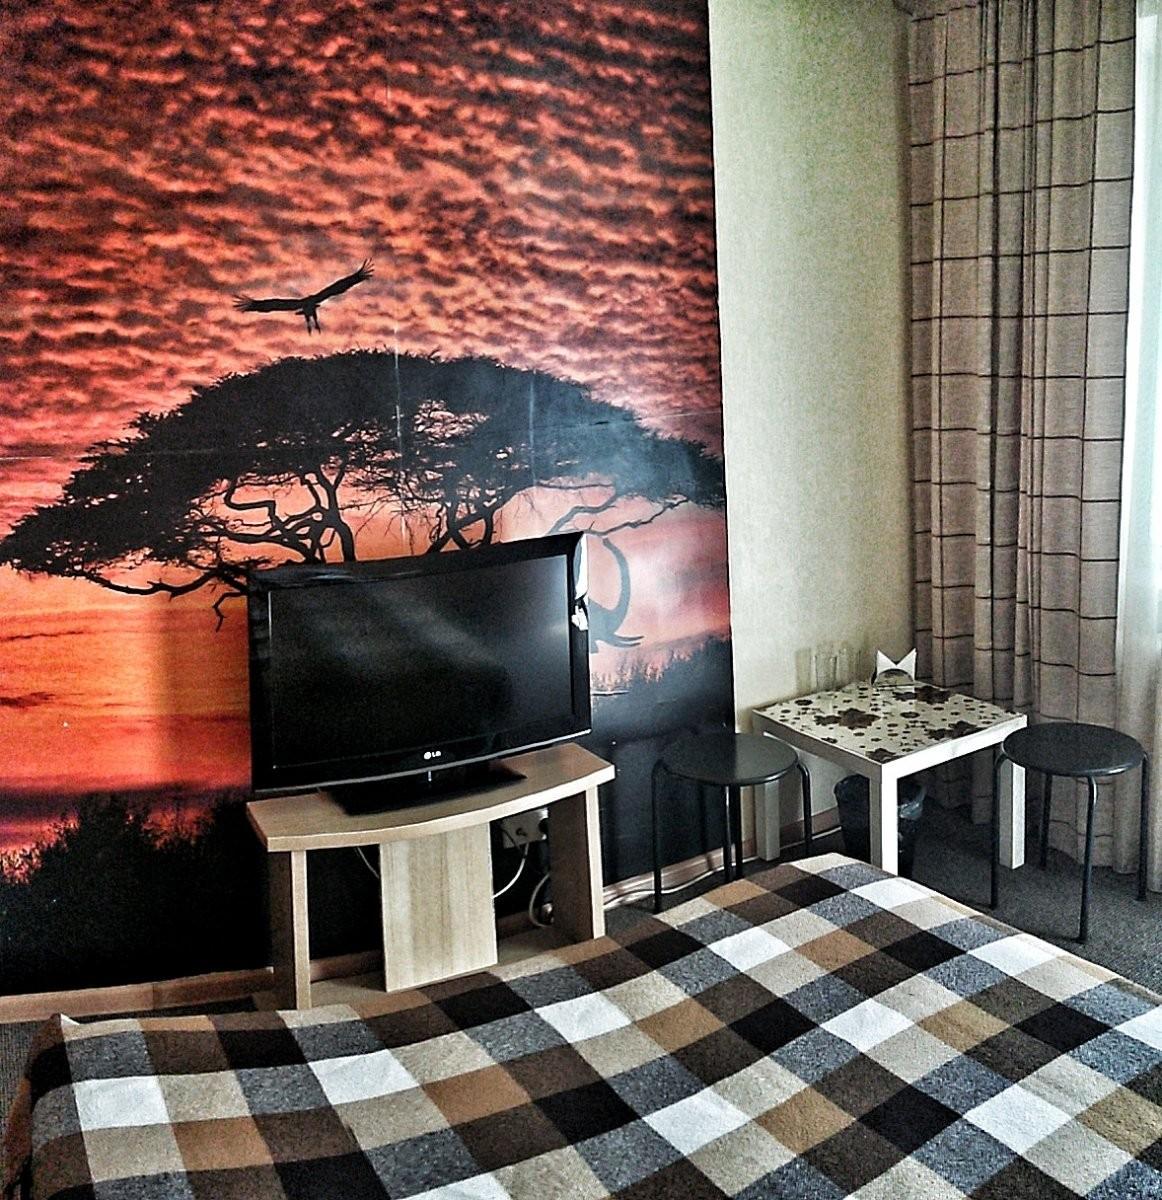 Мальта, гостиничный комплекс - №6